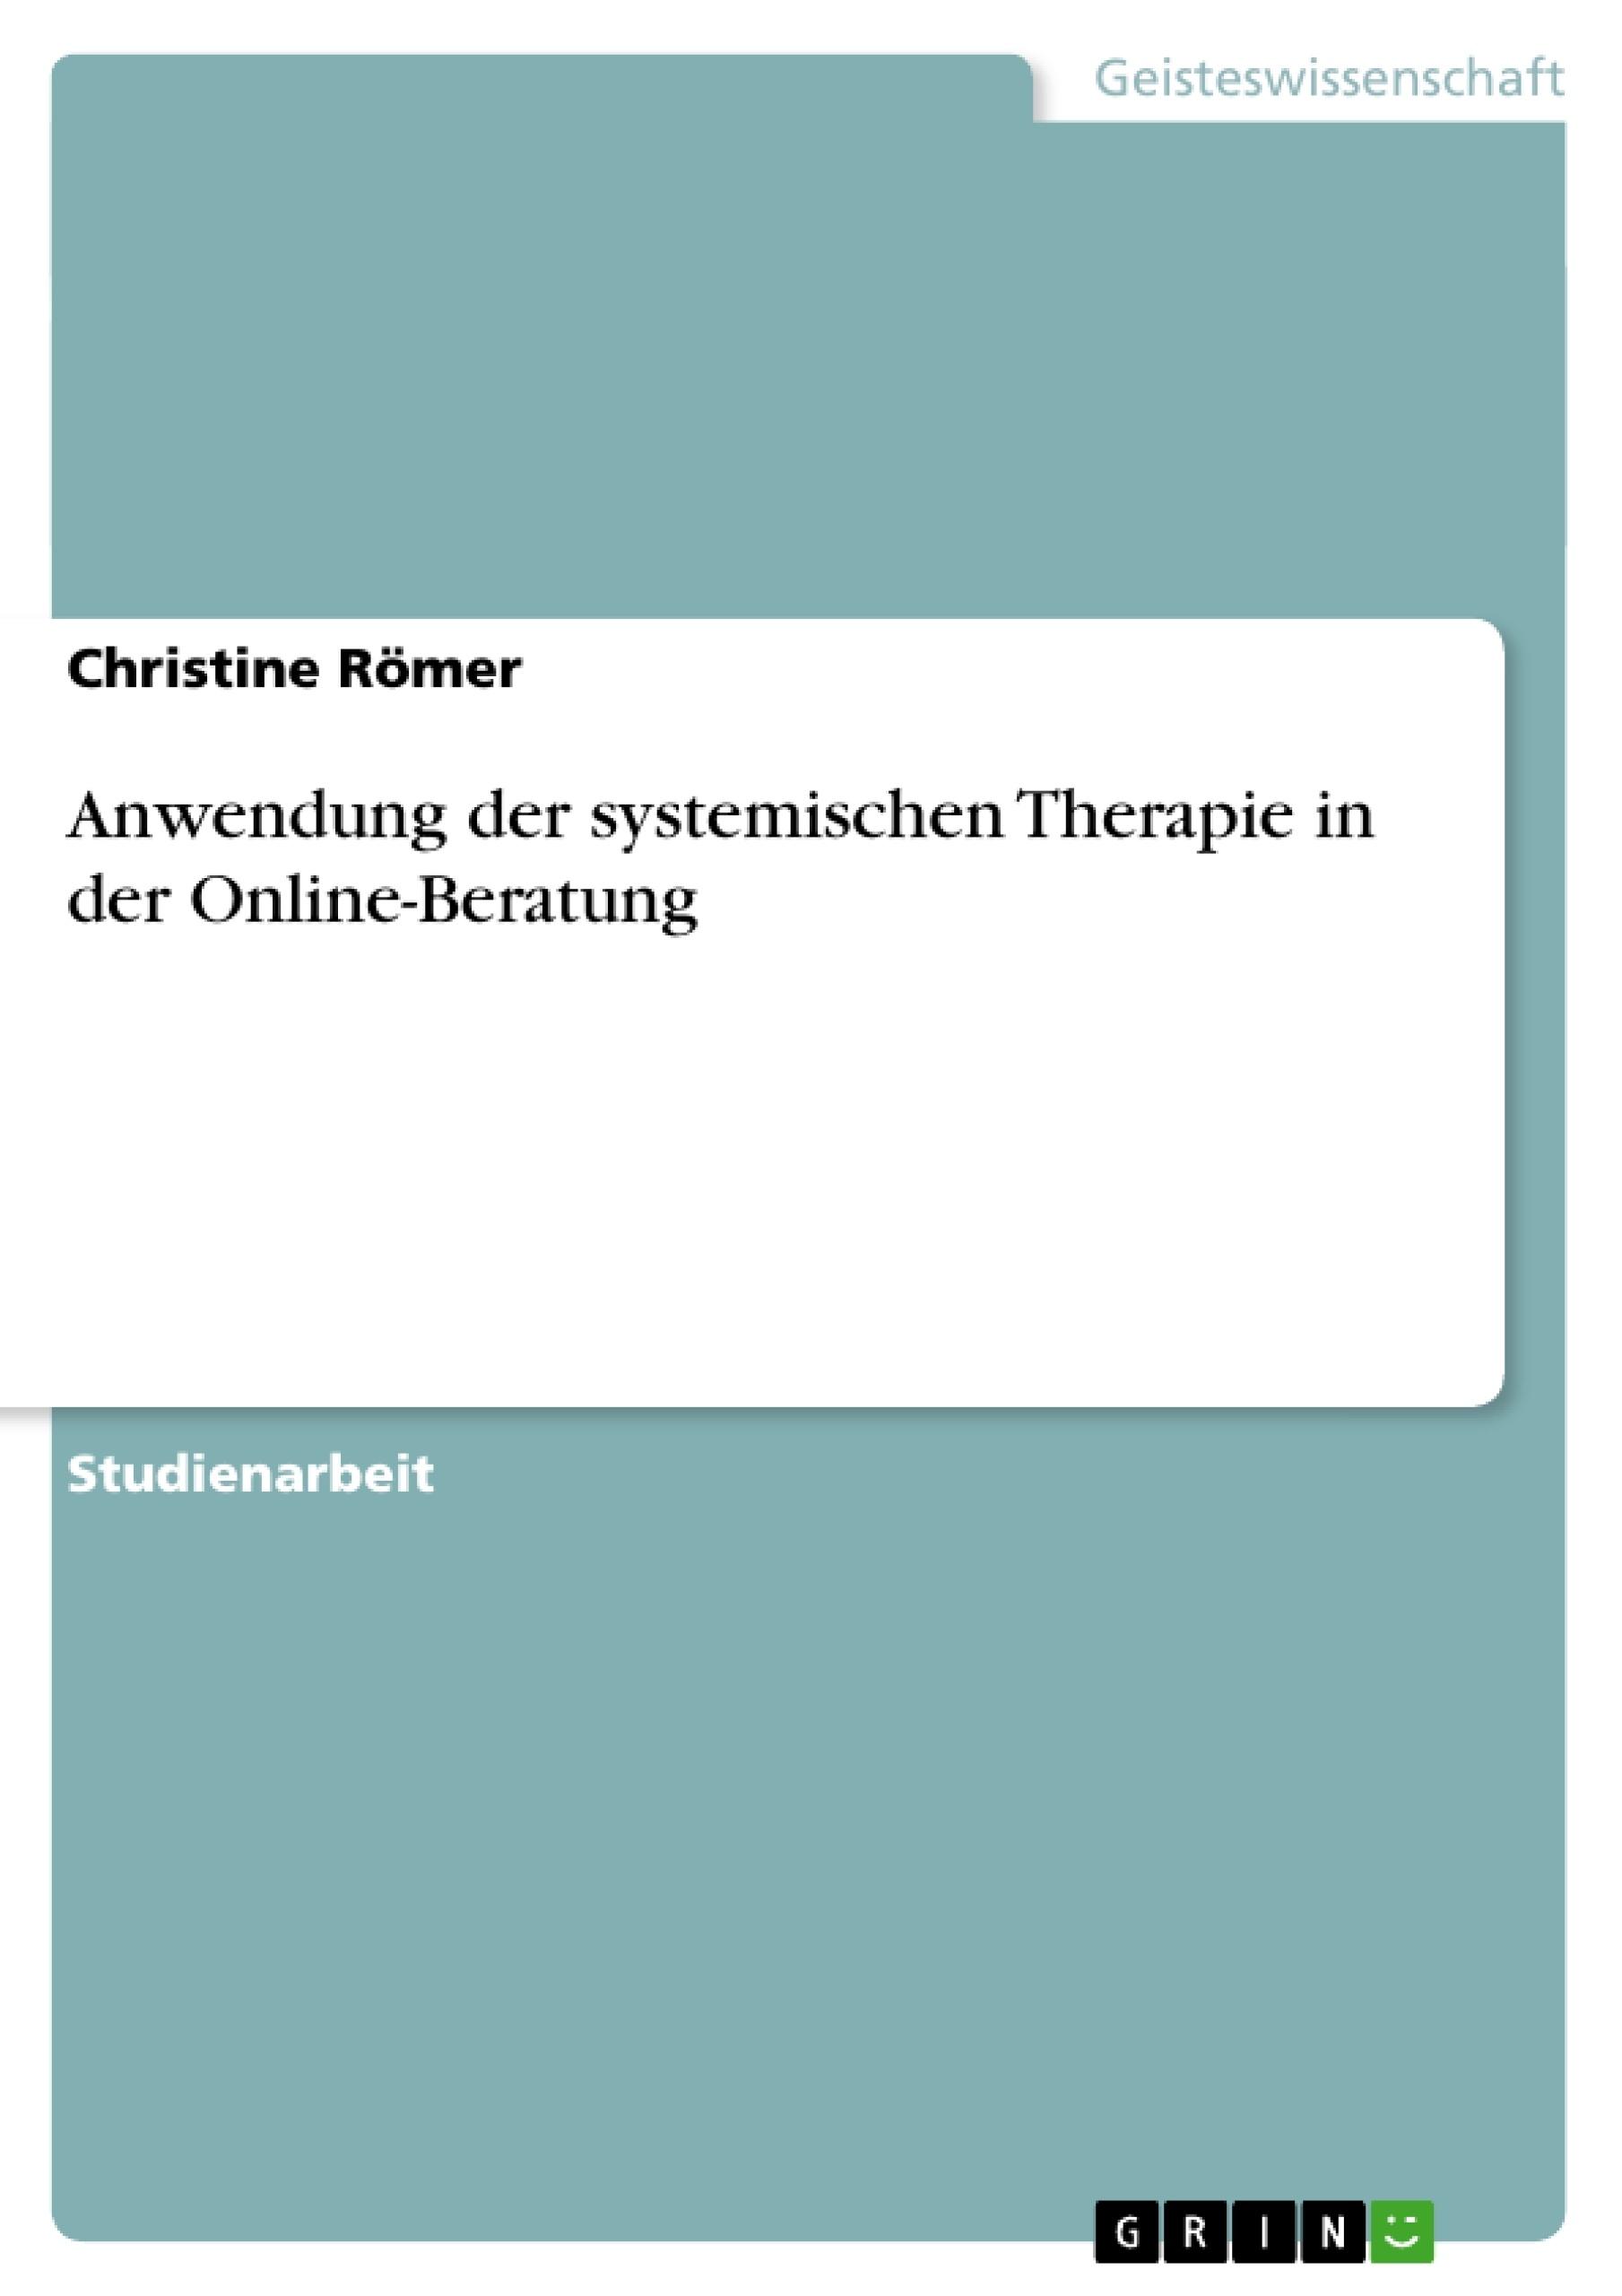 Titel: Anwendung der systemischen Therapie in der Online-Beratung